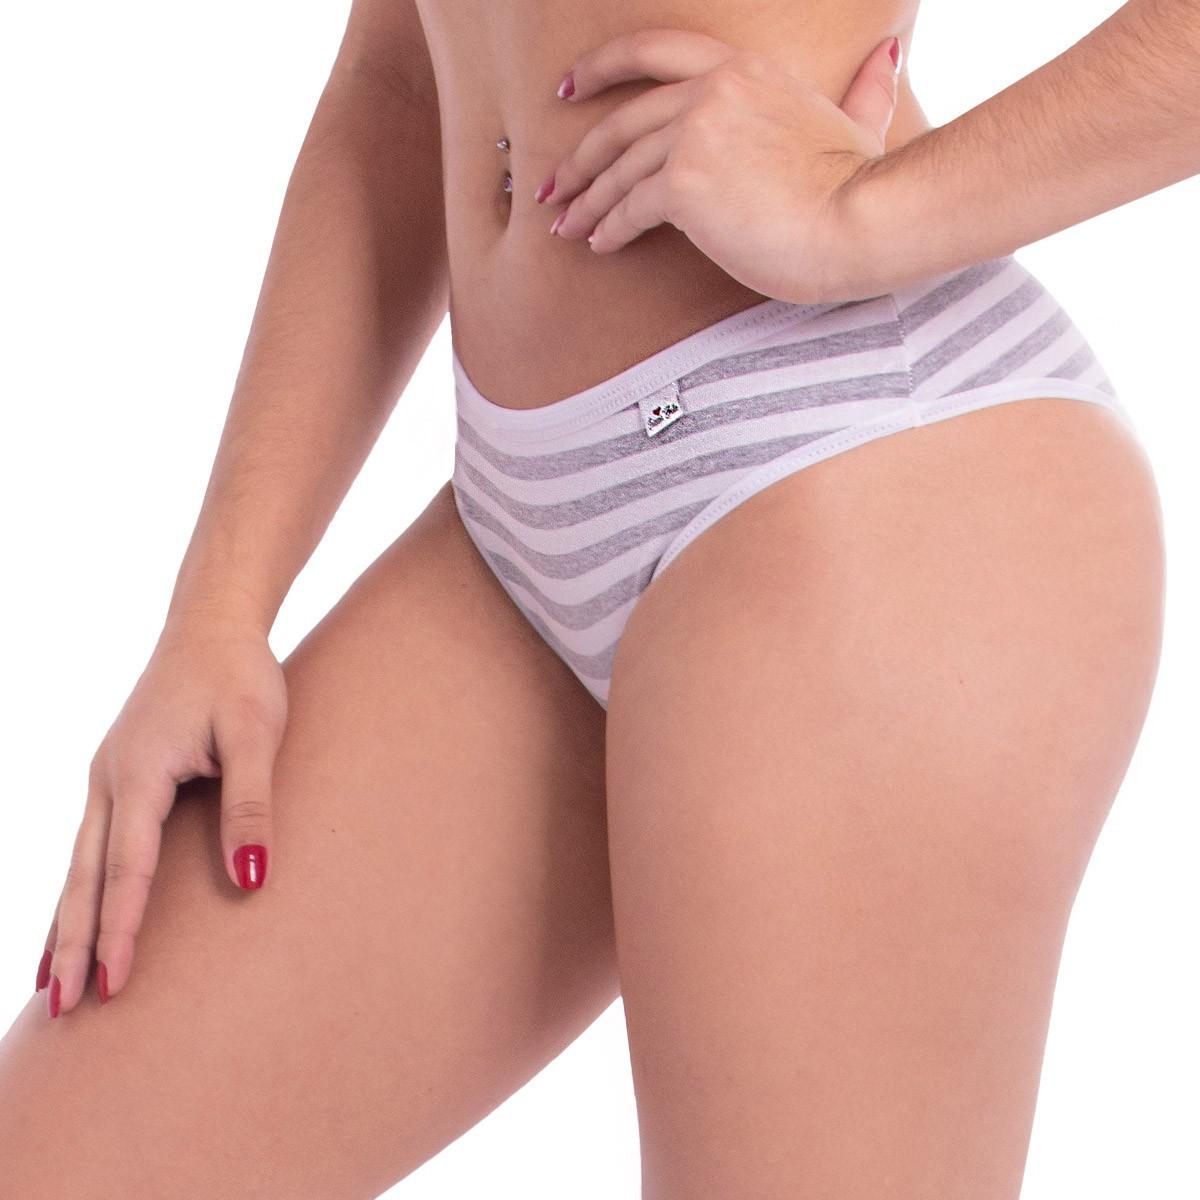 KIT com 3 Calcinhas modelo tanga em algodão estampada Intima Belle